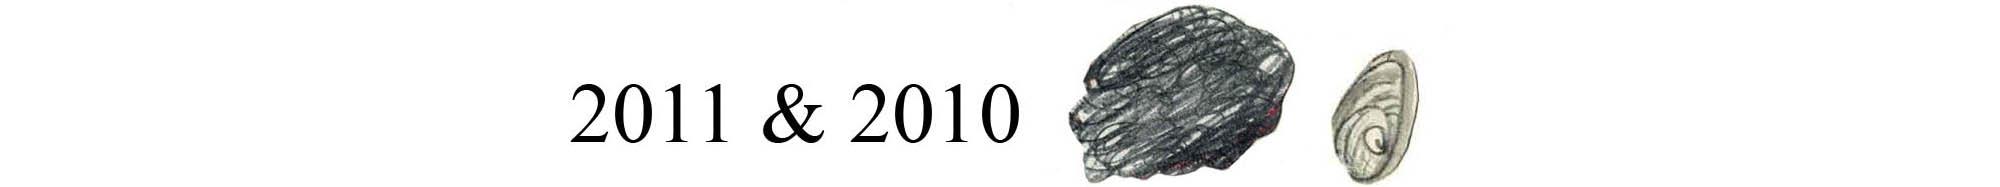 20112010.jpg